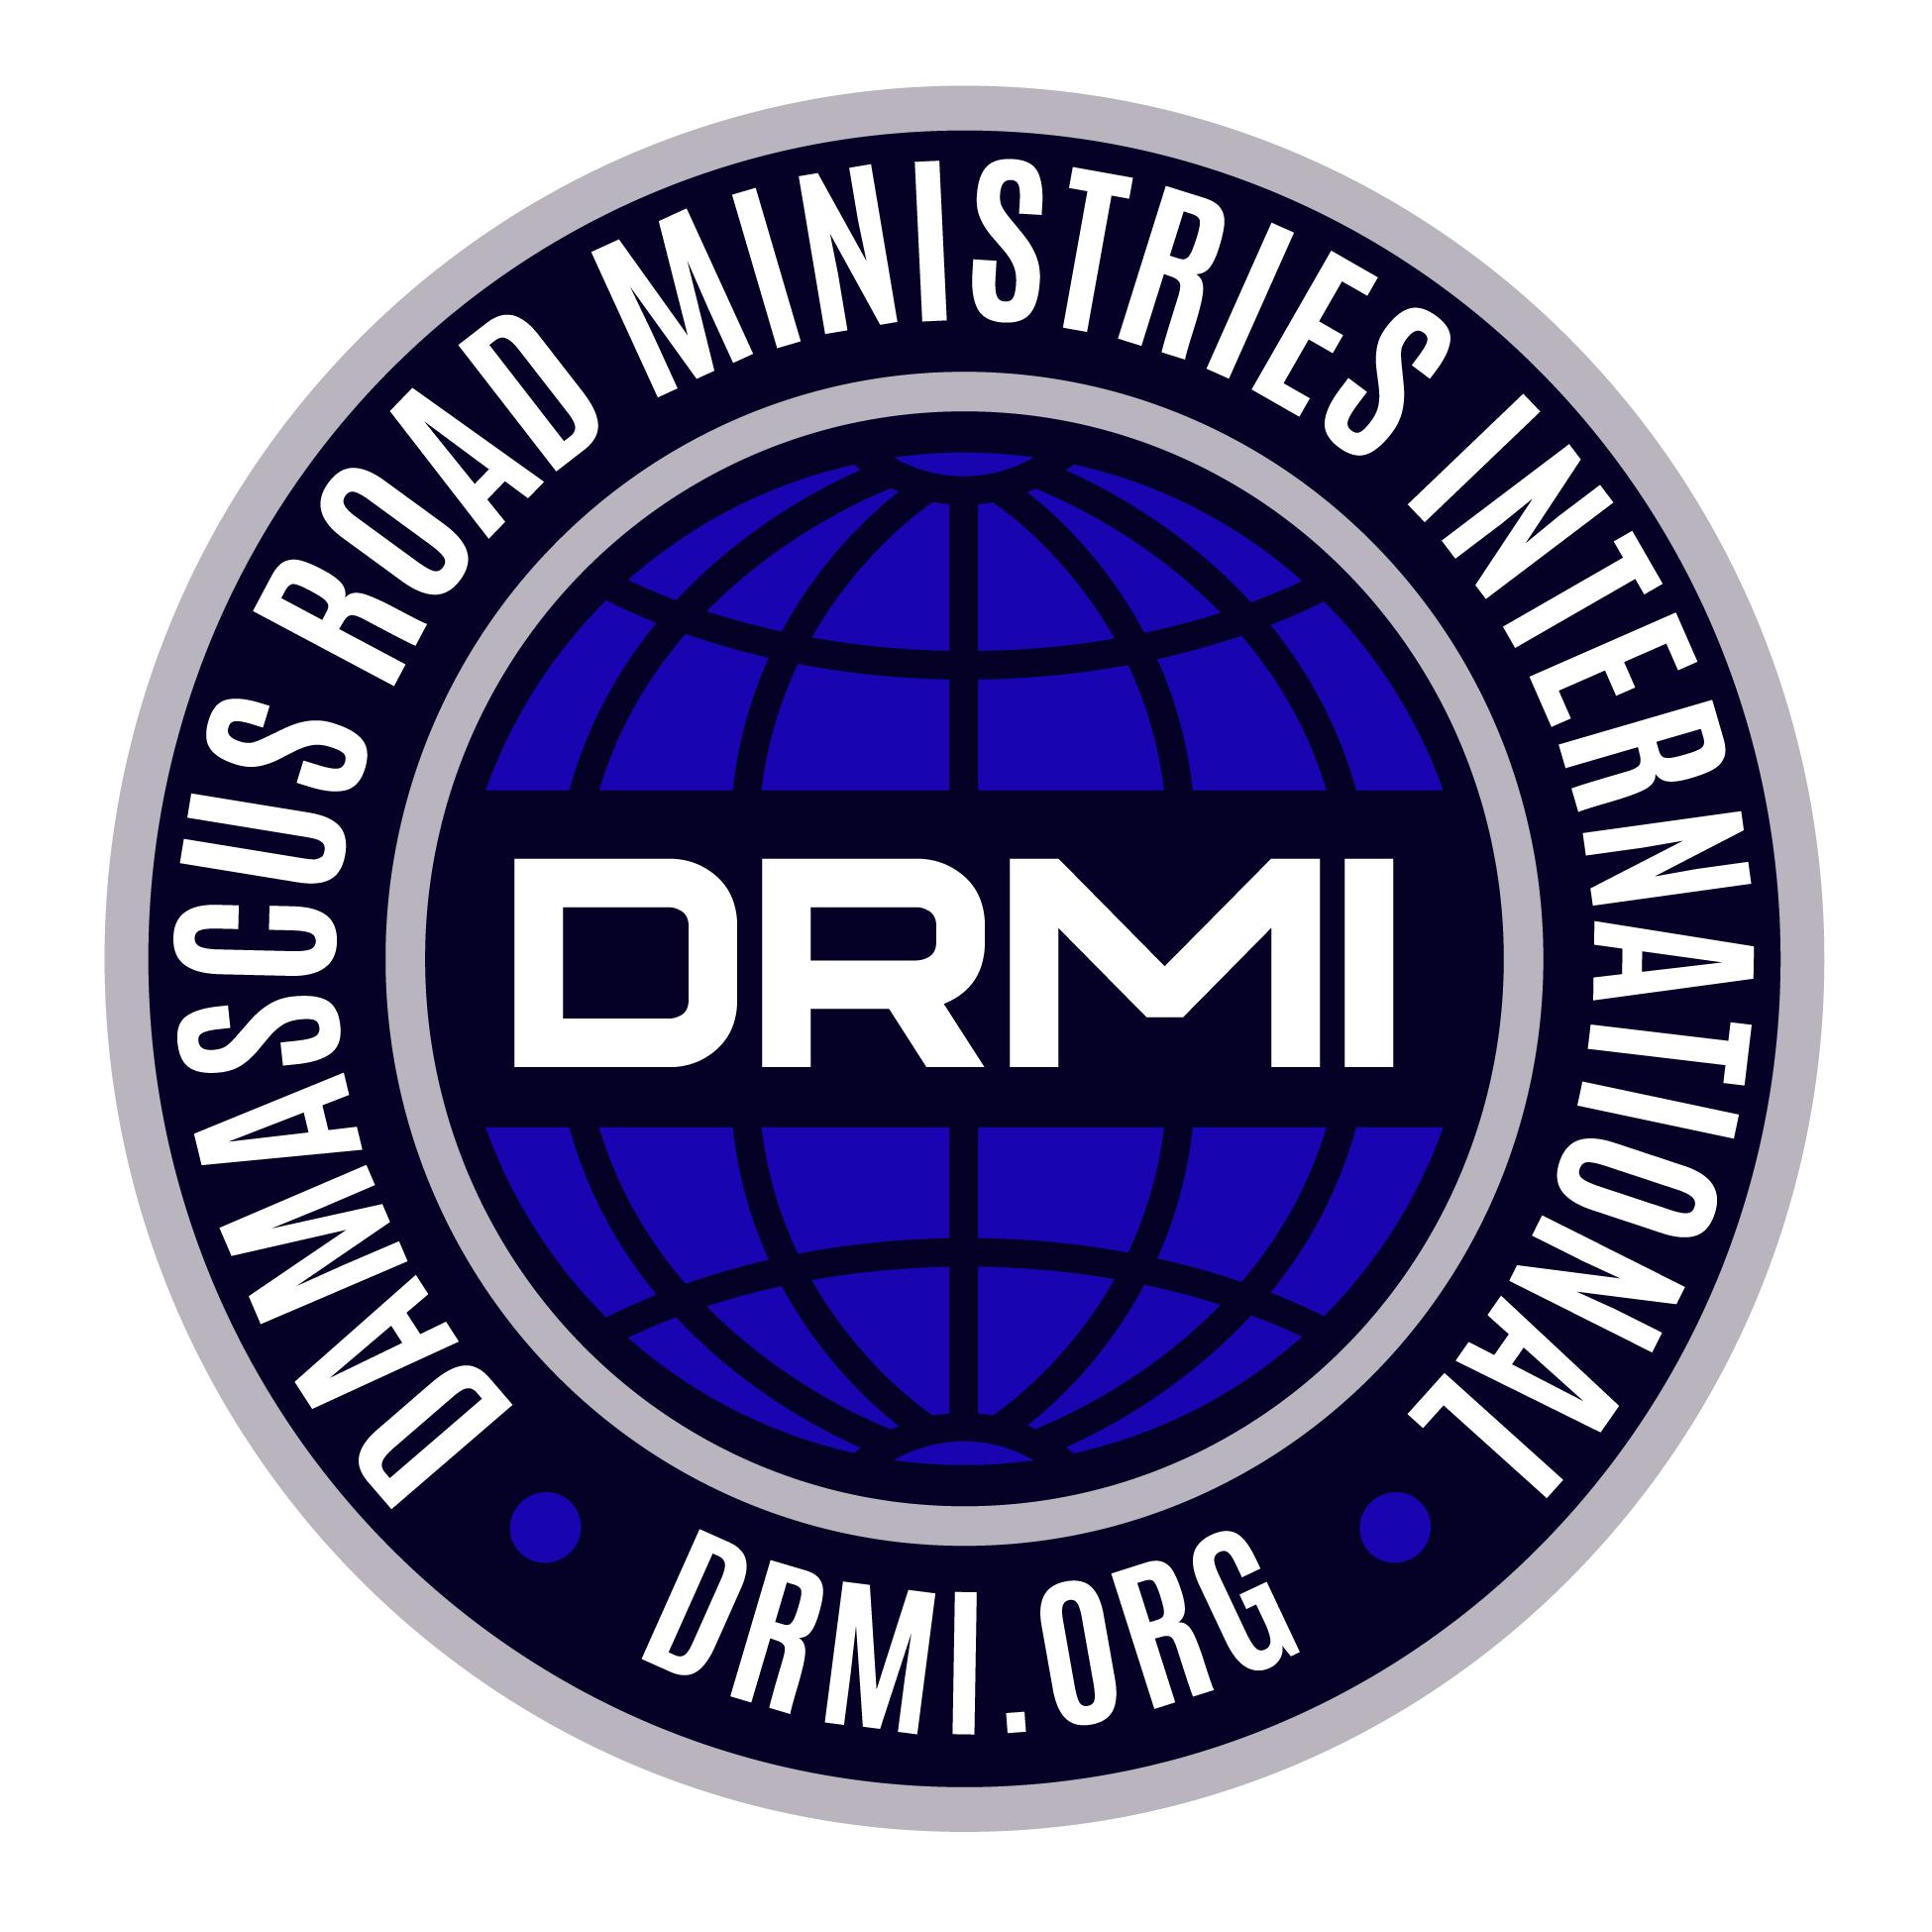 2017 DRMI Logo copy